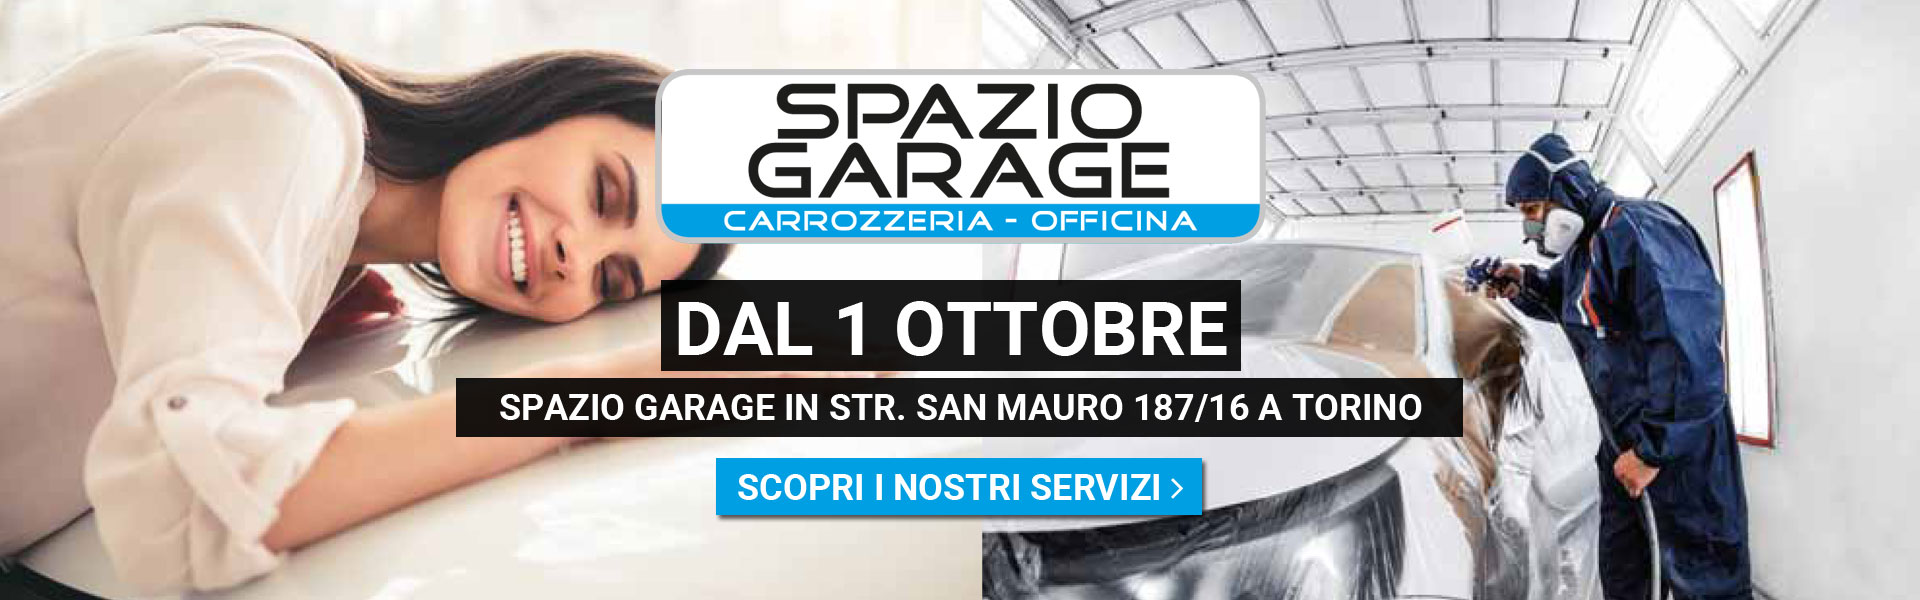 Inaugurazione Spazio Garage